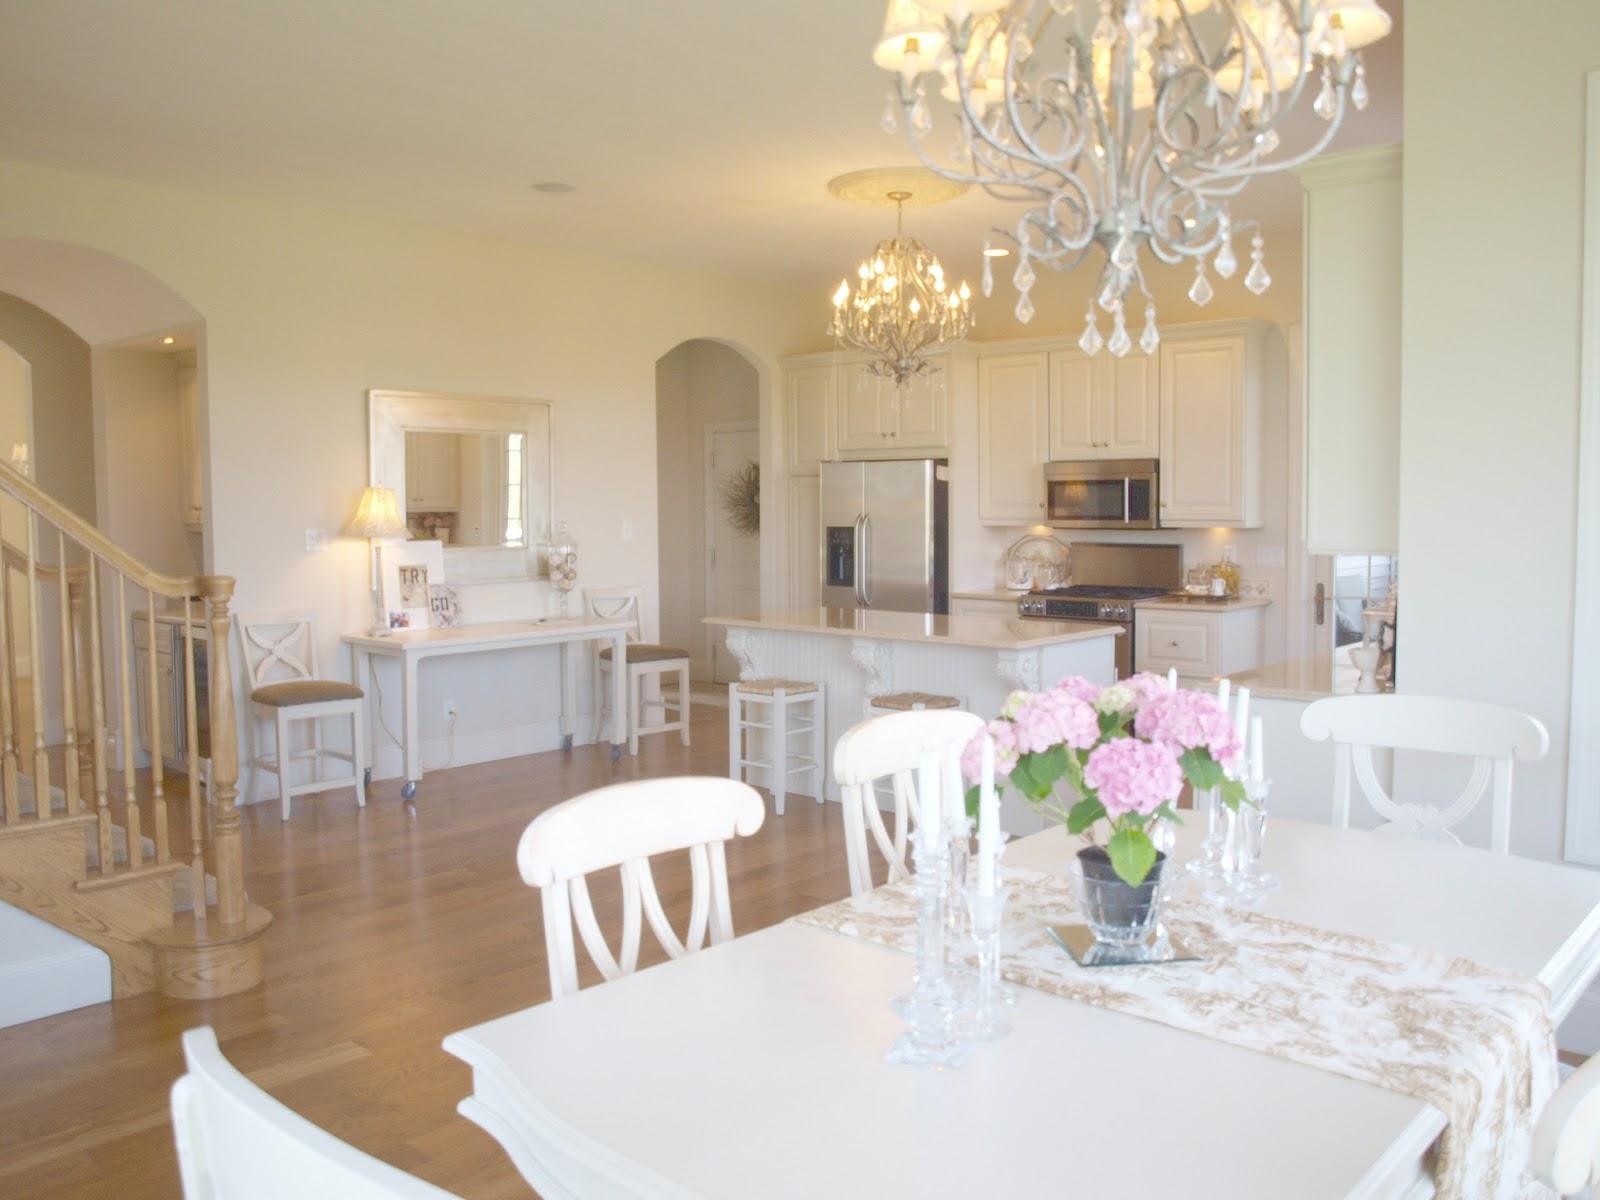 hellolovely-hello-lovely-studio-shabby-chic-interior-design-timeless-tranquil-european-style